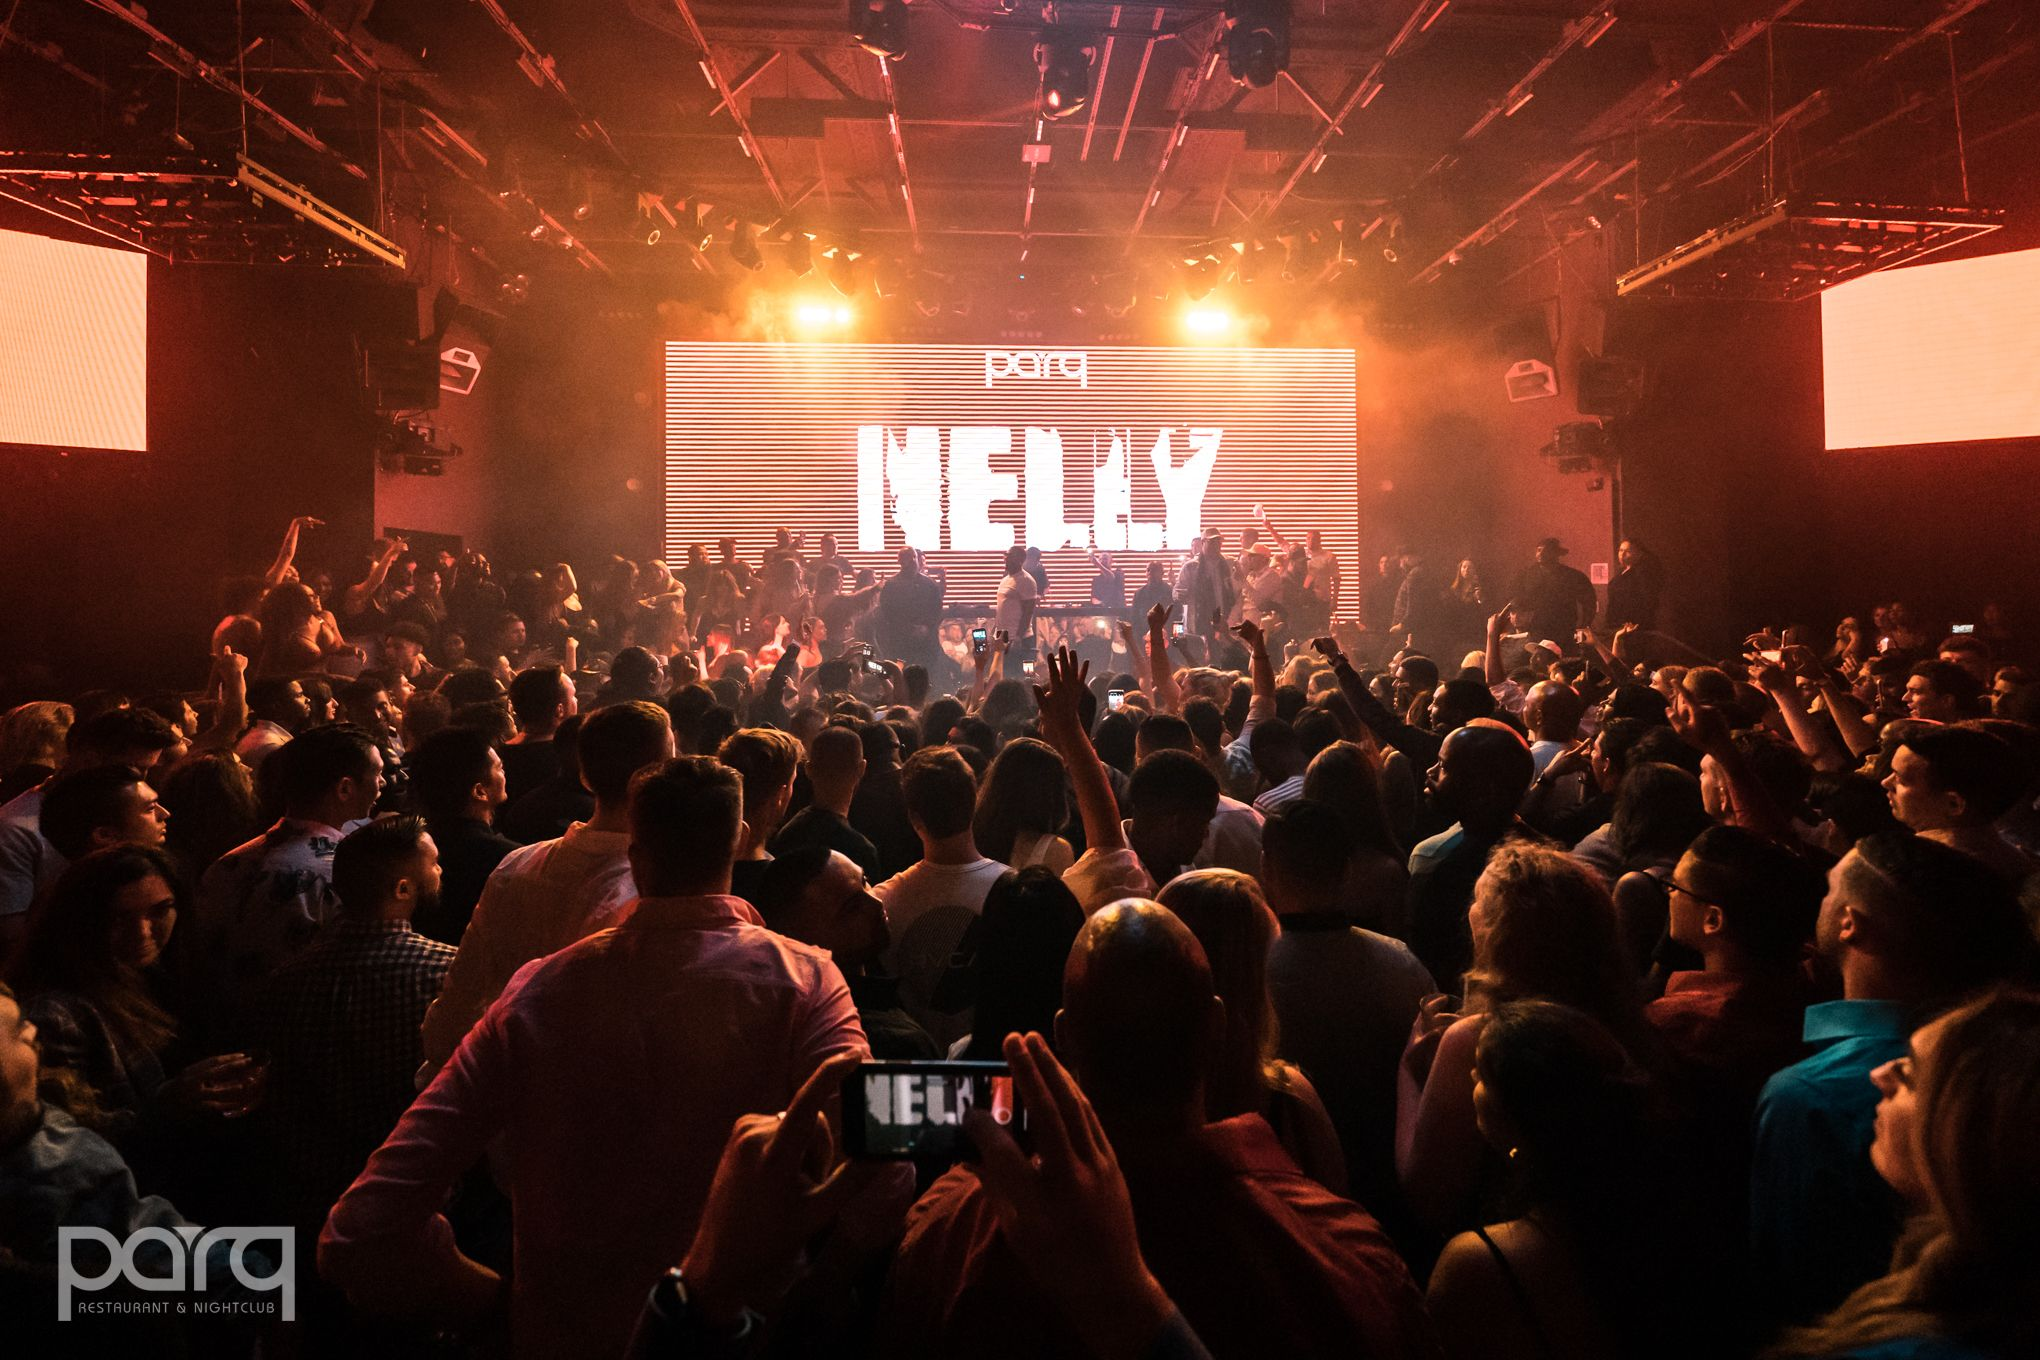 06.14.19 Parq - Nelly-5.jpg